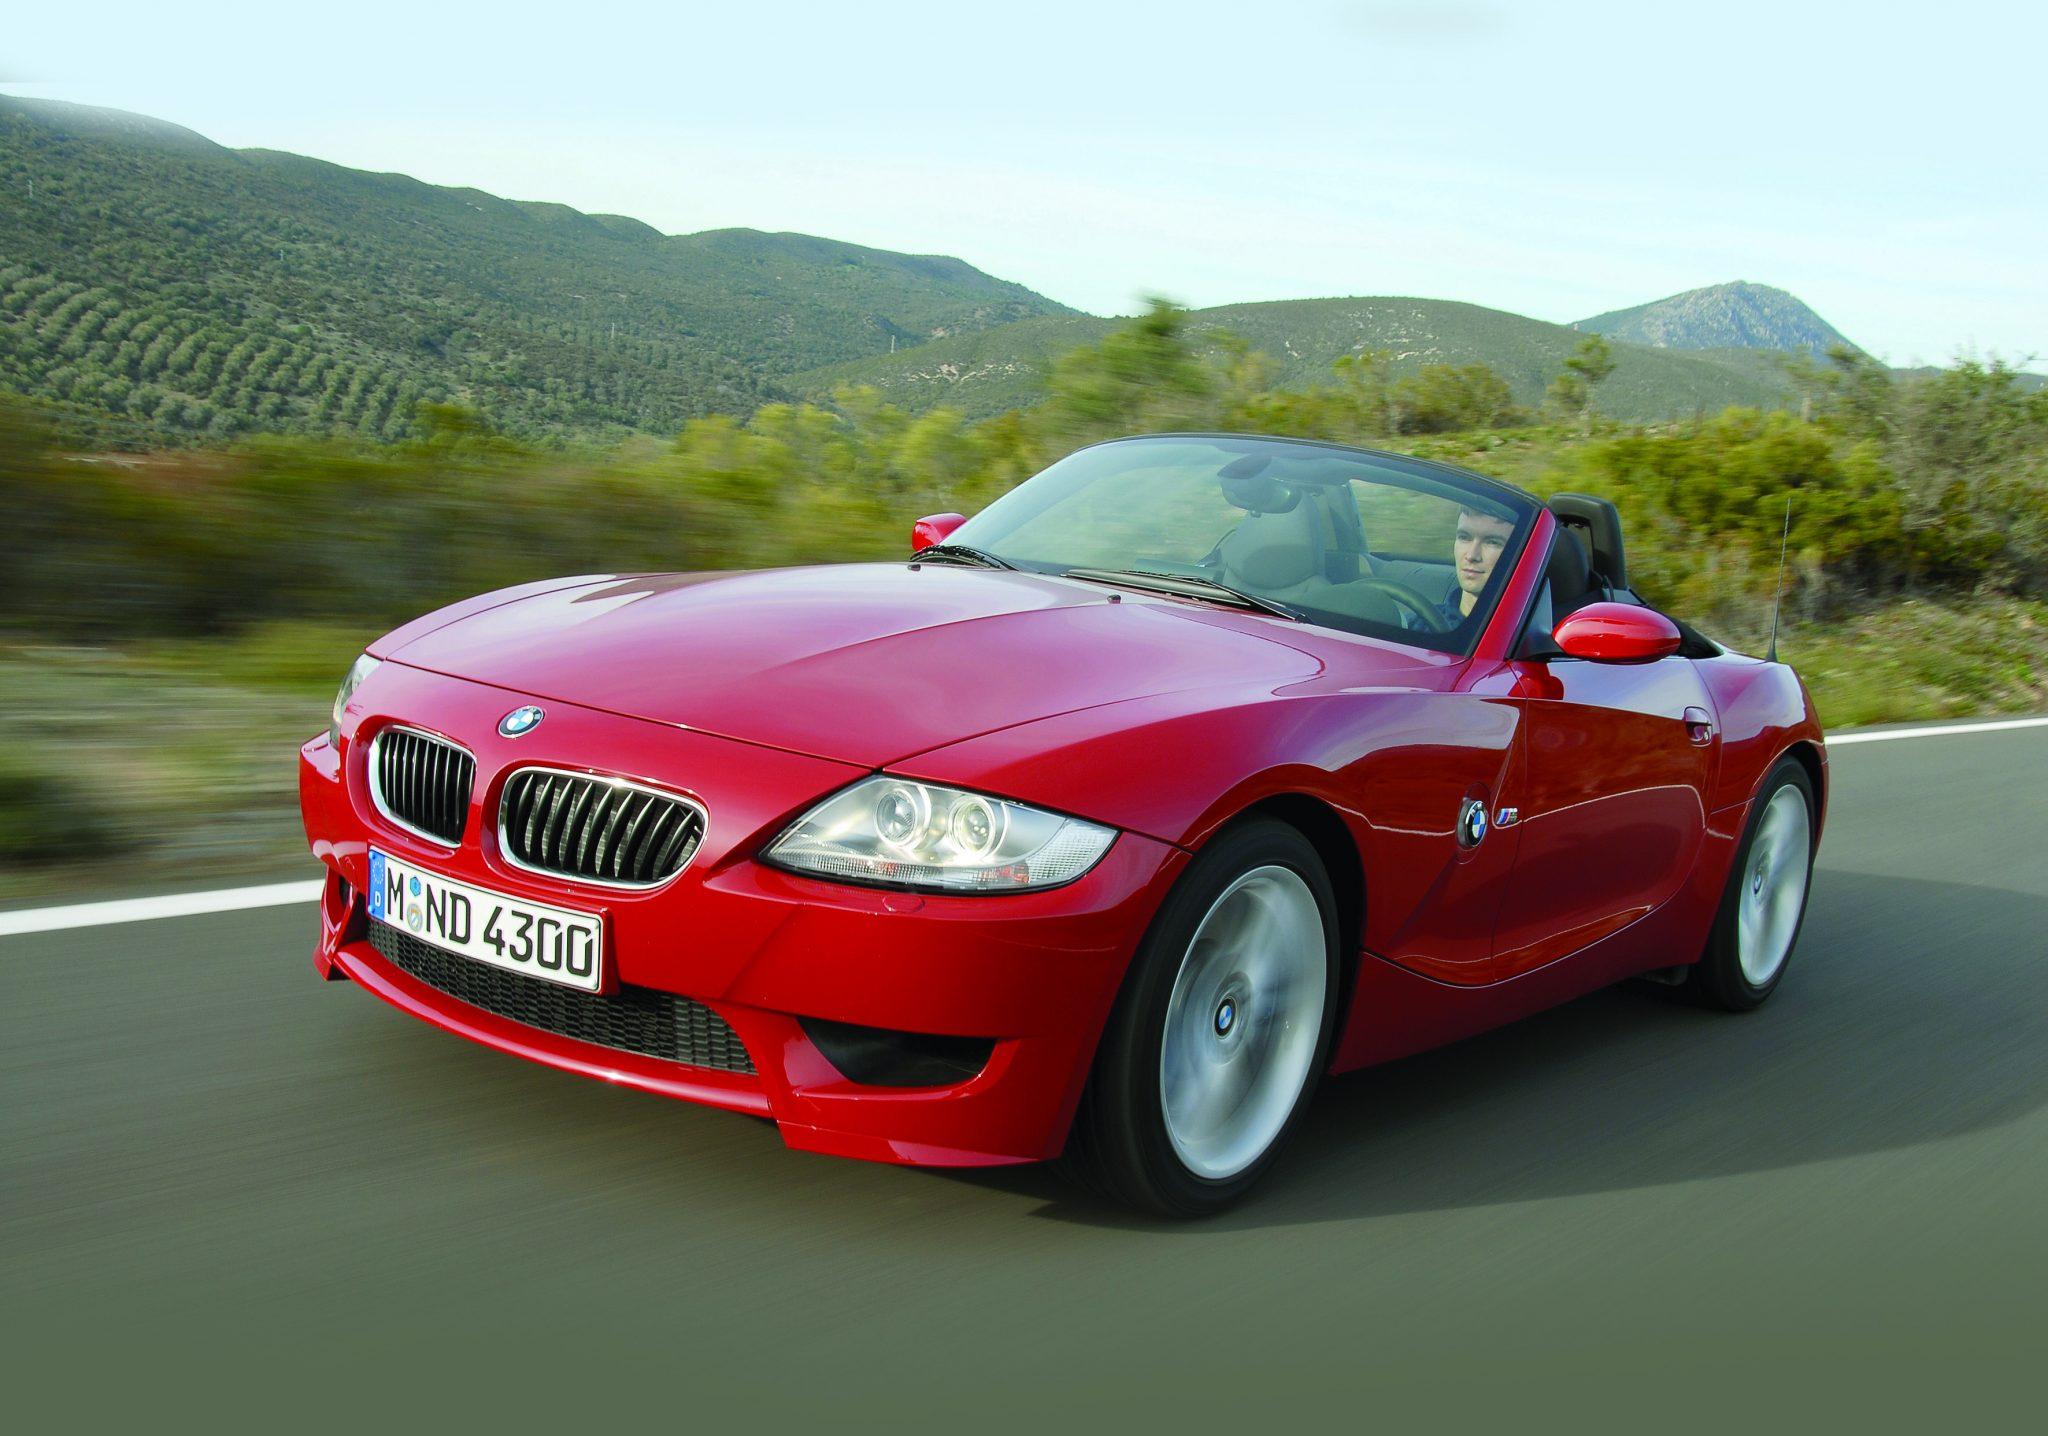 BMW Z4 (rood)